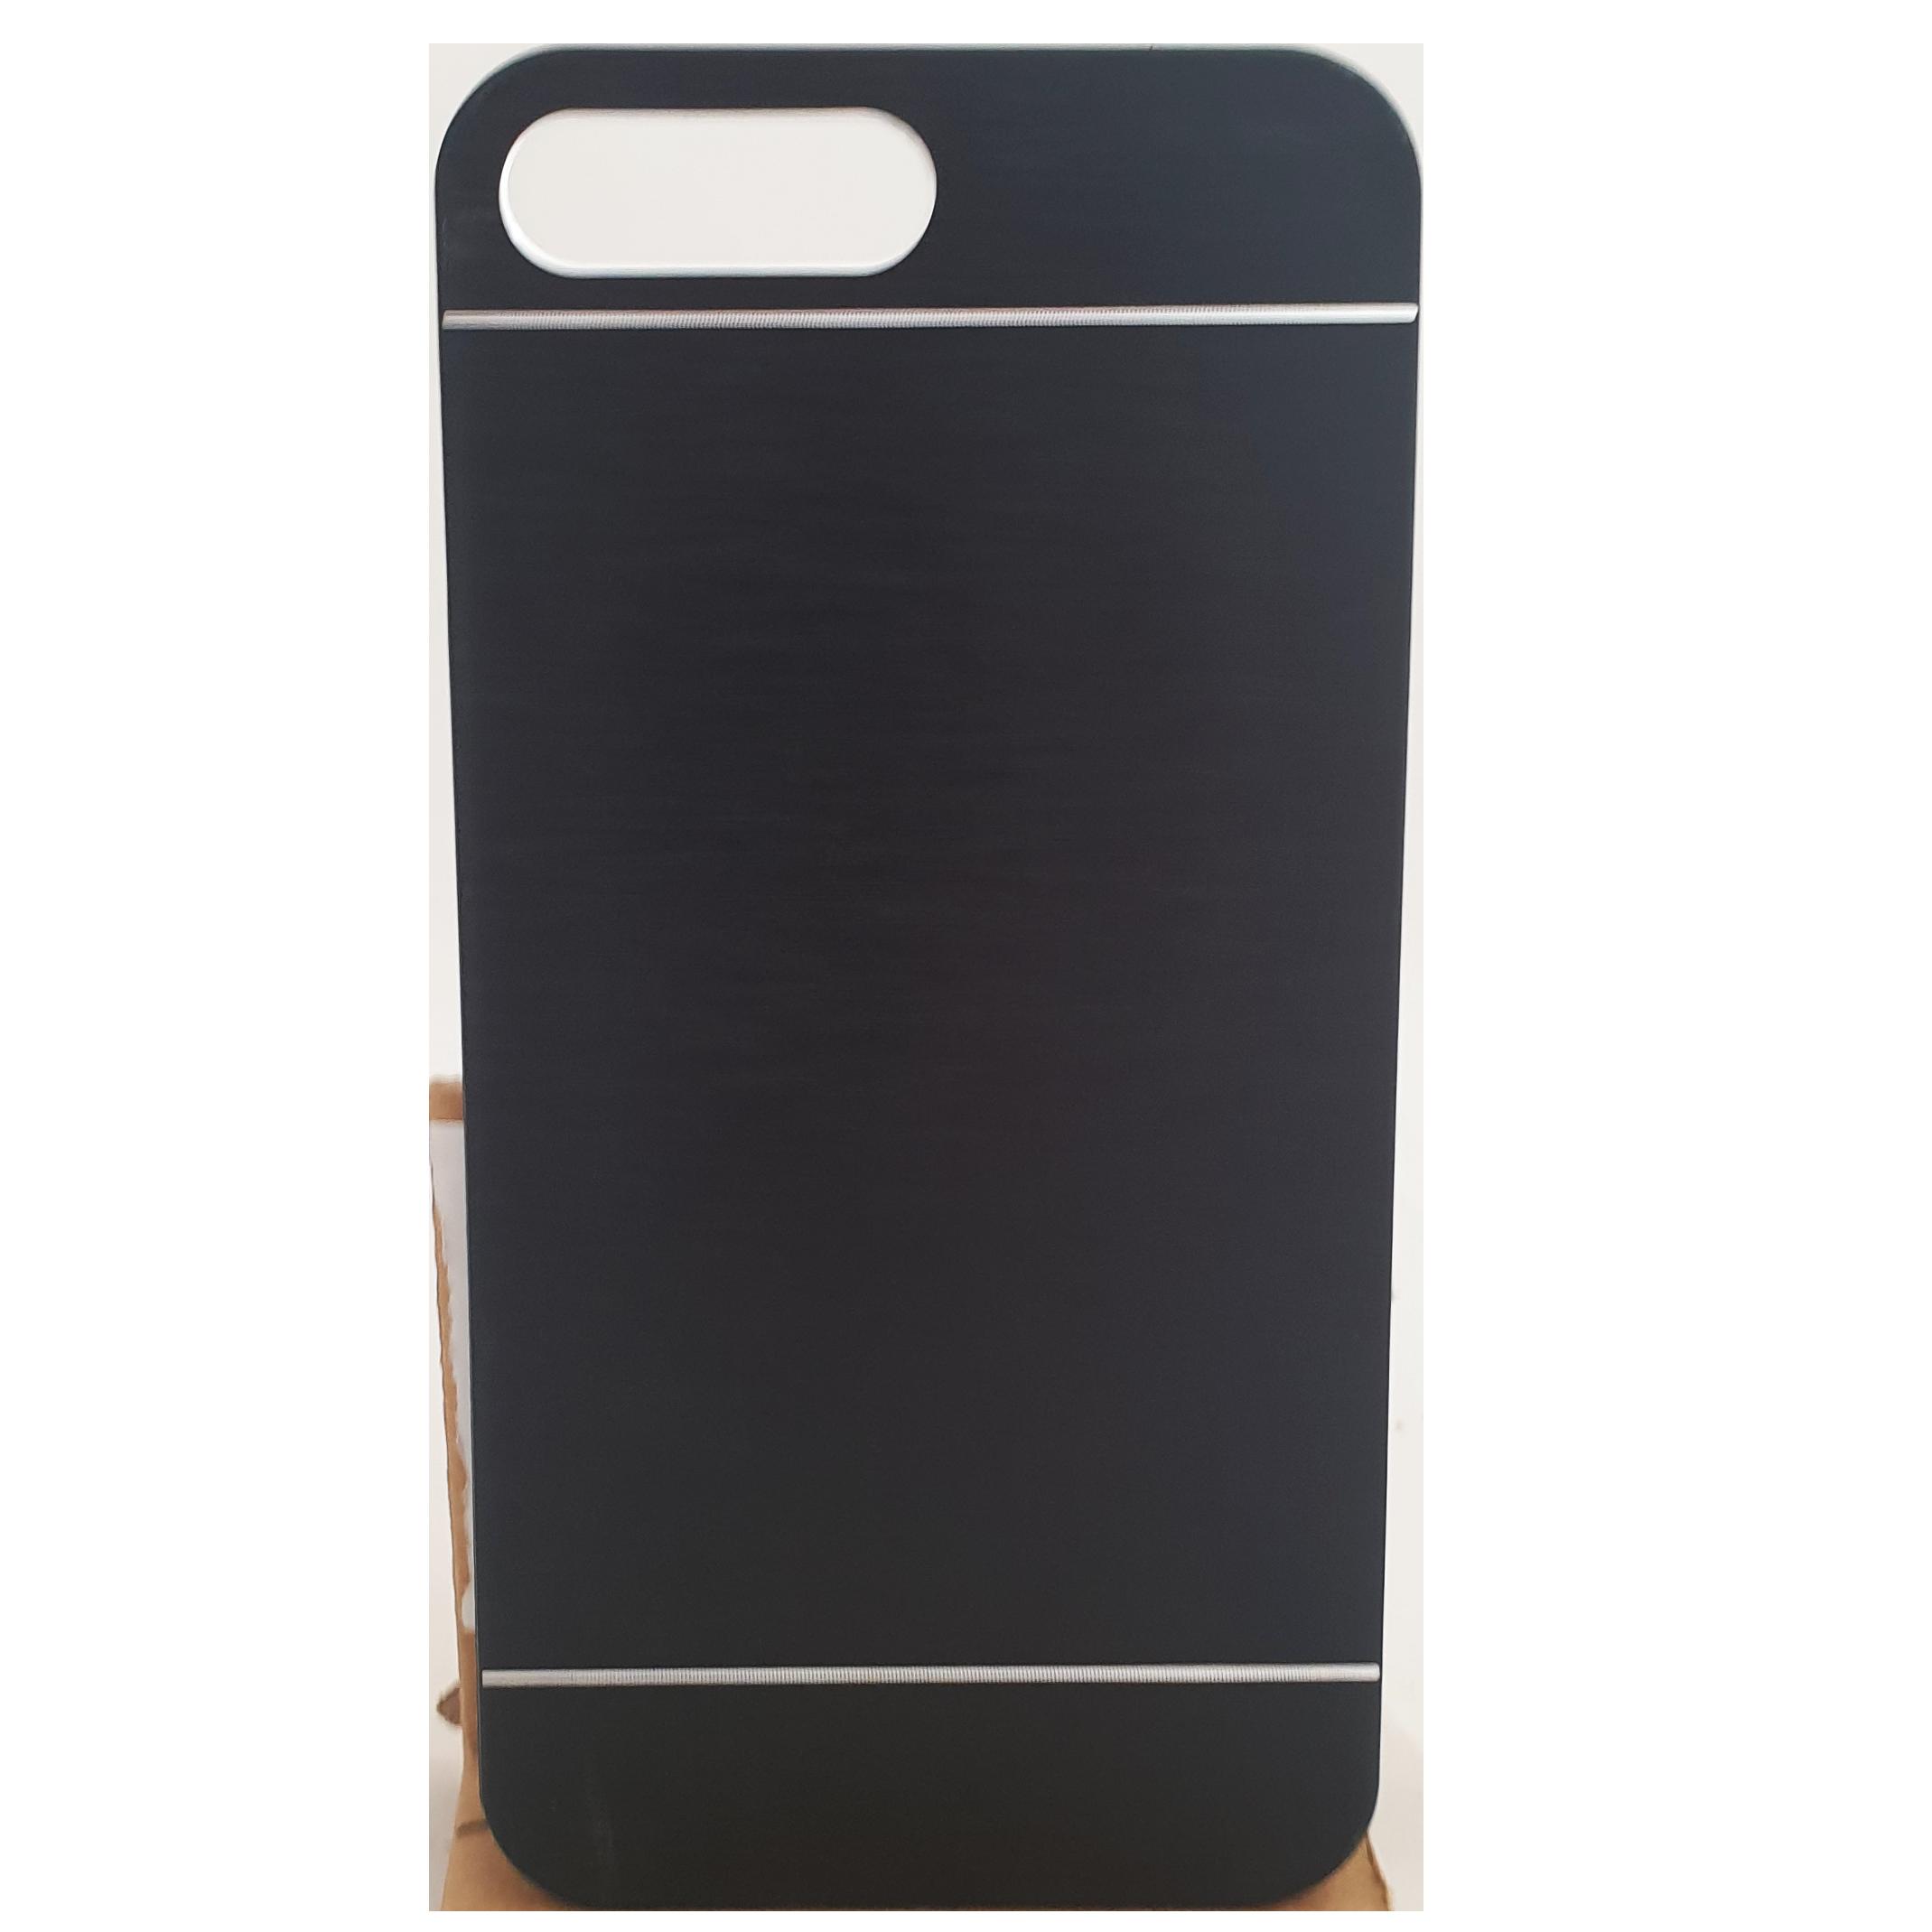 Mobilskal iPhone 7 Plus Svart Metall